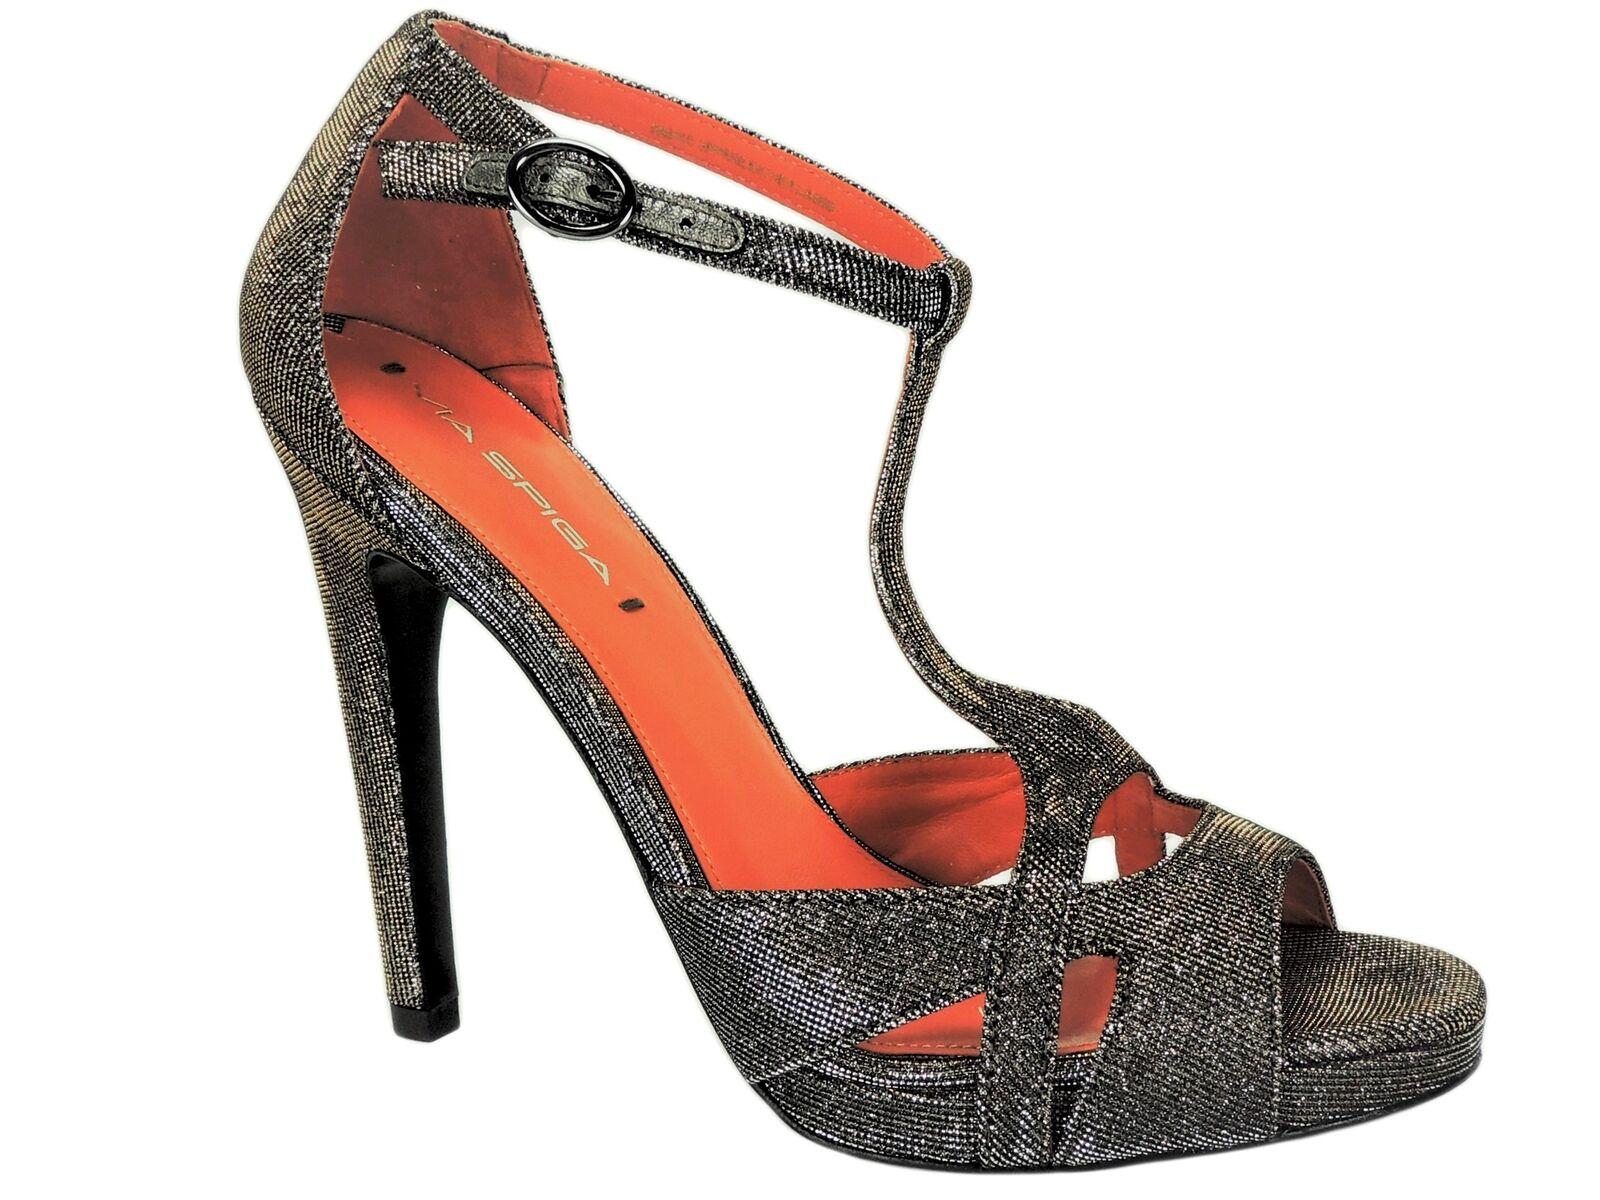 la migliore selezione di Via Spiga Donna  Pamela Strappy Strappy Strappy High Heels Anthracite Dimensione 8.5 M  prima qualità ai consumatori